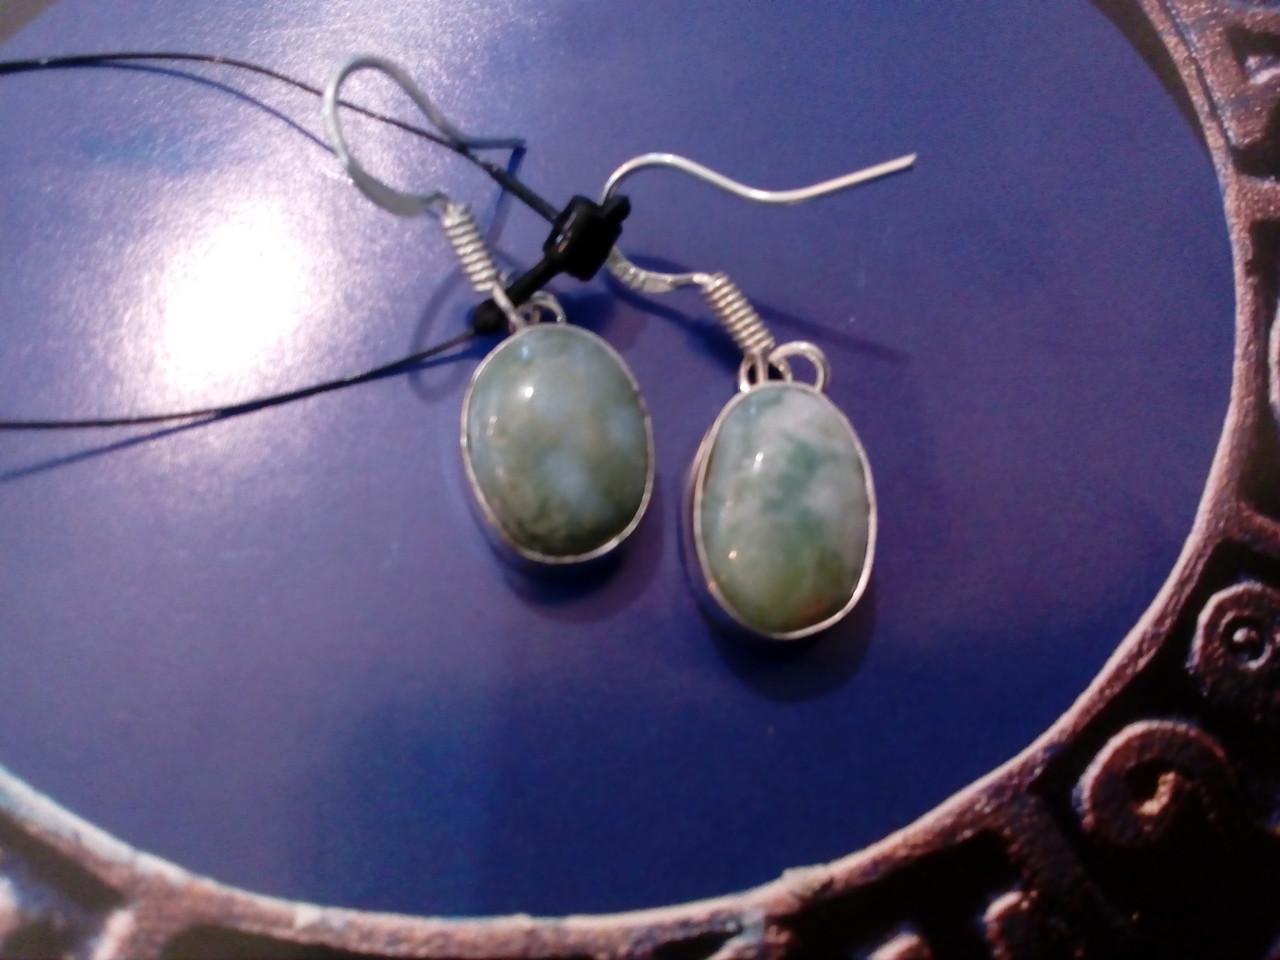 Серьги с ларимаром. Серьги с натуральным камнем ларимар (Доминикана) в серебре.